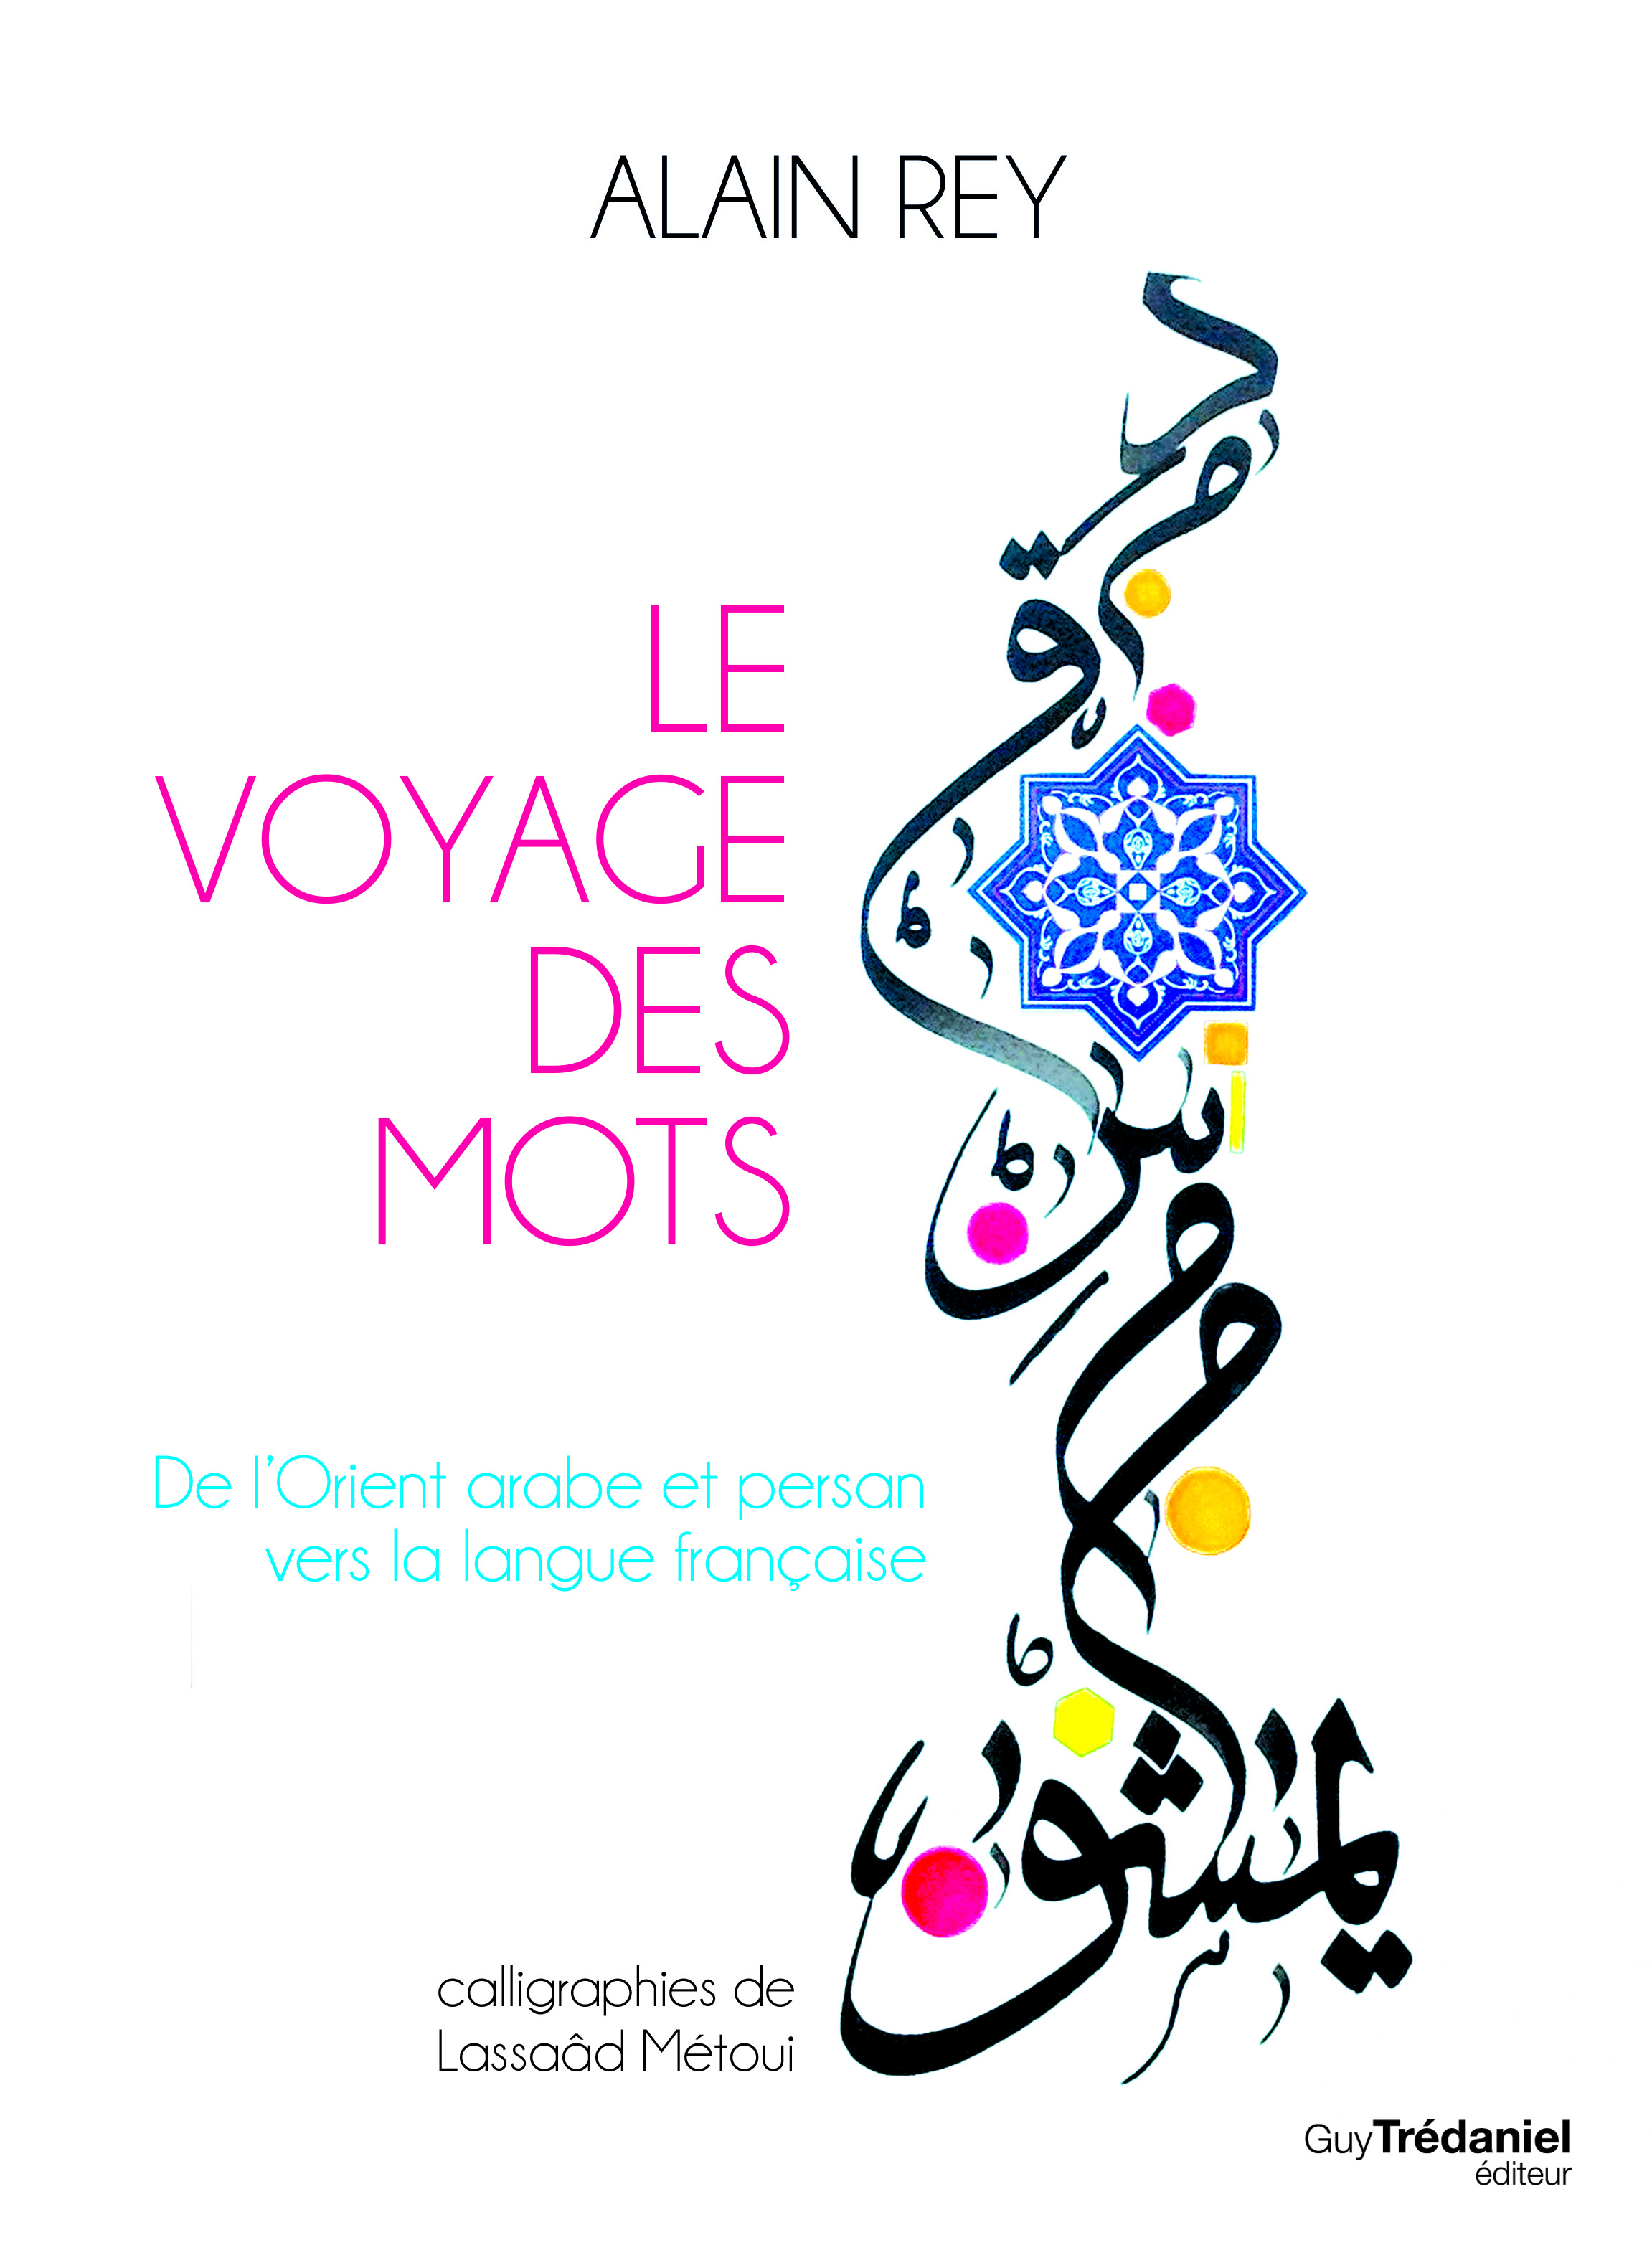 Couverture Le voyage des mots - Alain Rey - Guy Trédaniel Editeur